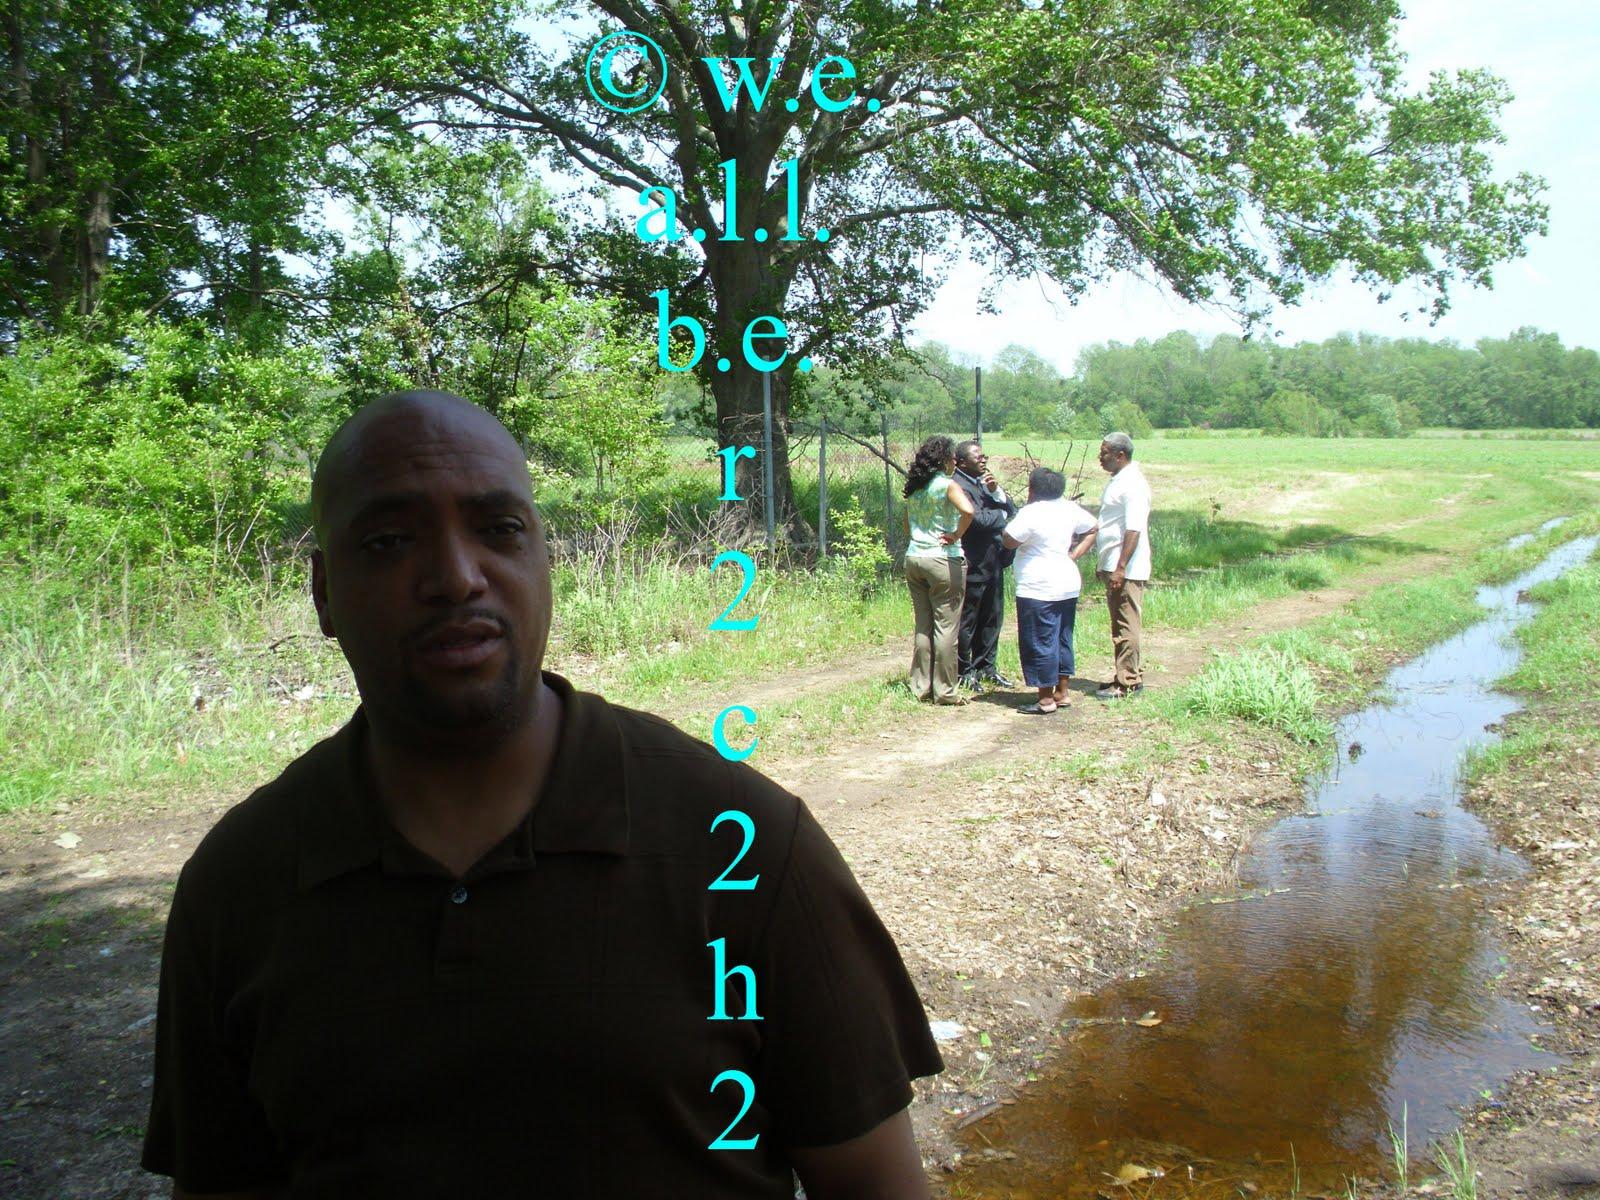 http://1.bp.blogspot.com/-tfGbdl_JepE/ThPxWQXMMqI/AAAAAAAAGqA/cWJ6rBXpDXM/s1600/crime+scene+2.jpg